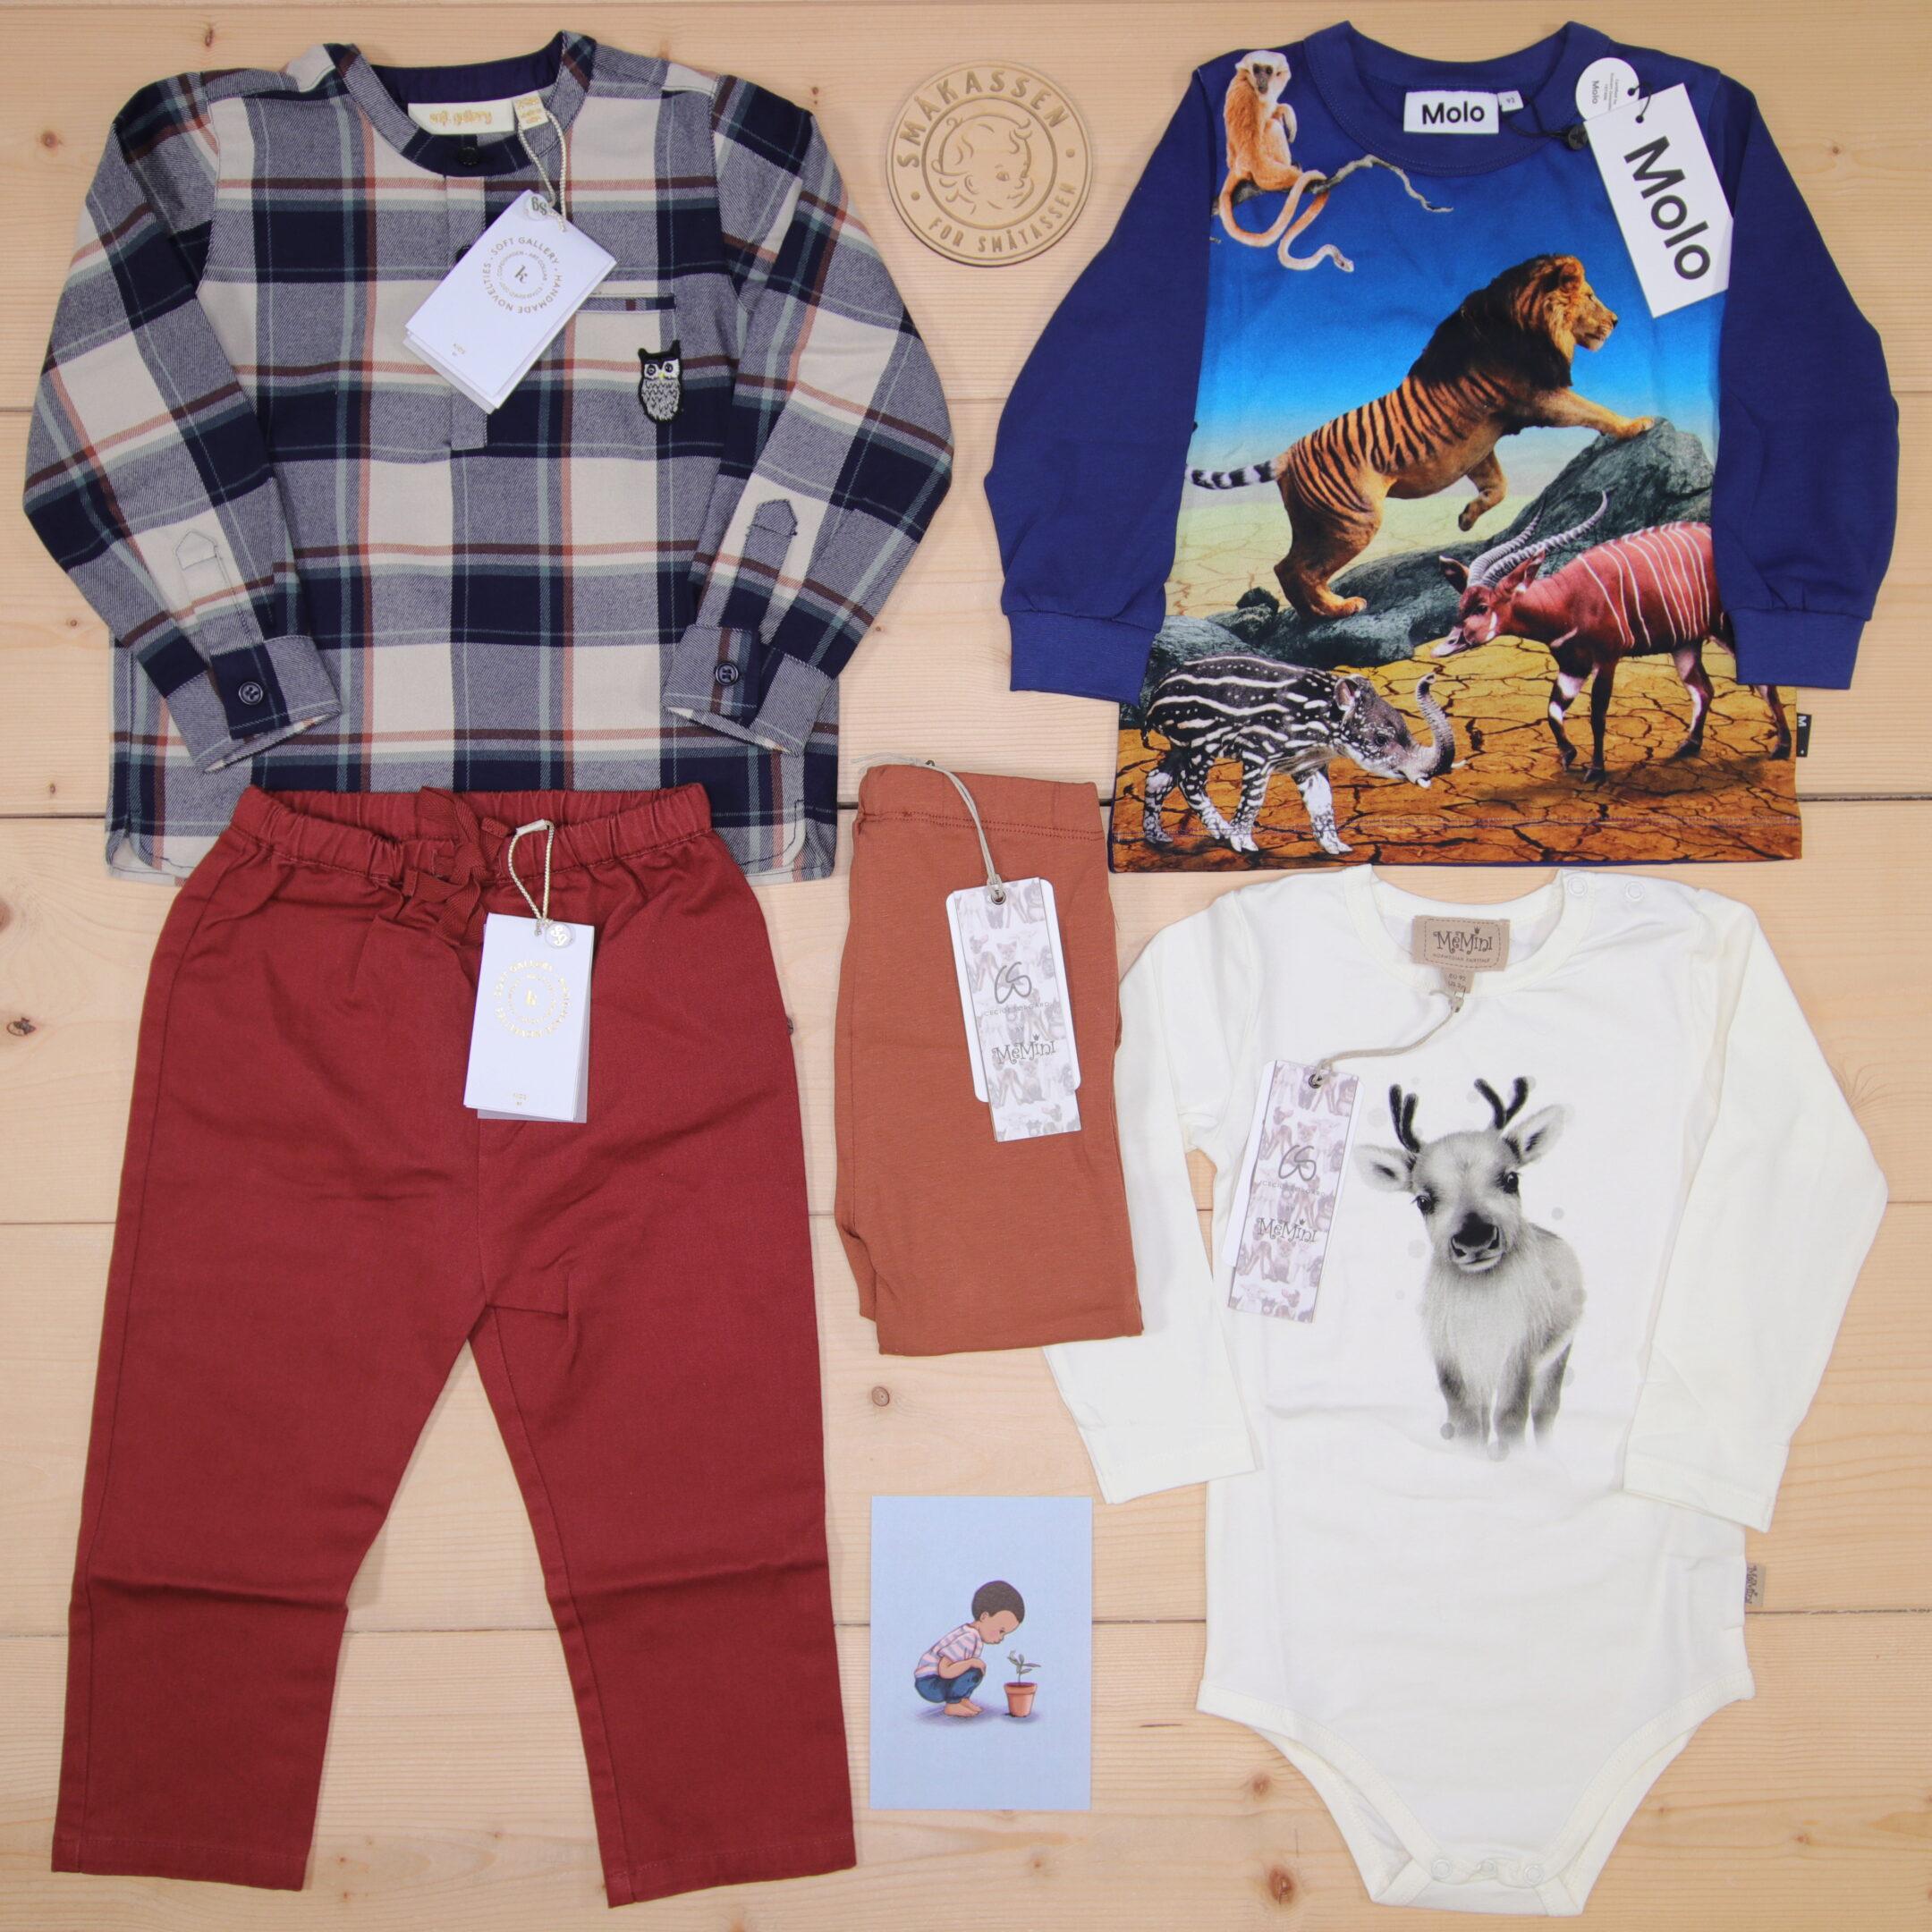 Dette er en 2000 NOK* The Childish Stylist som vi forberedte for en gutt i stilene cool og cute i størrelse 92